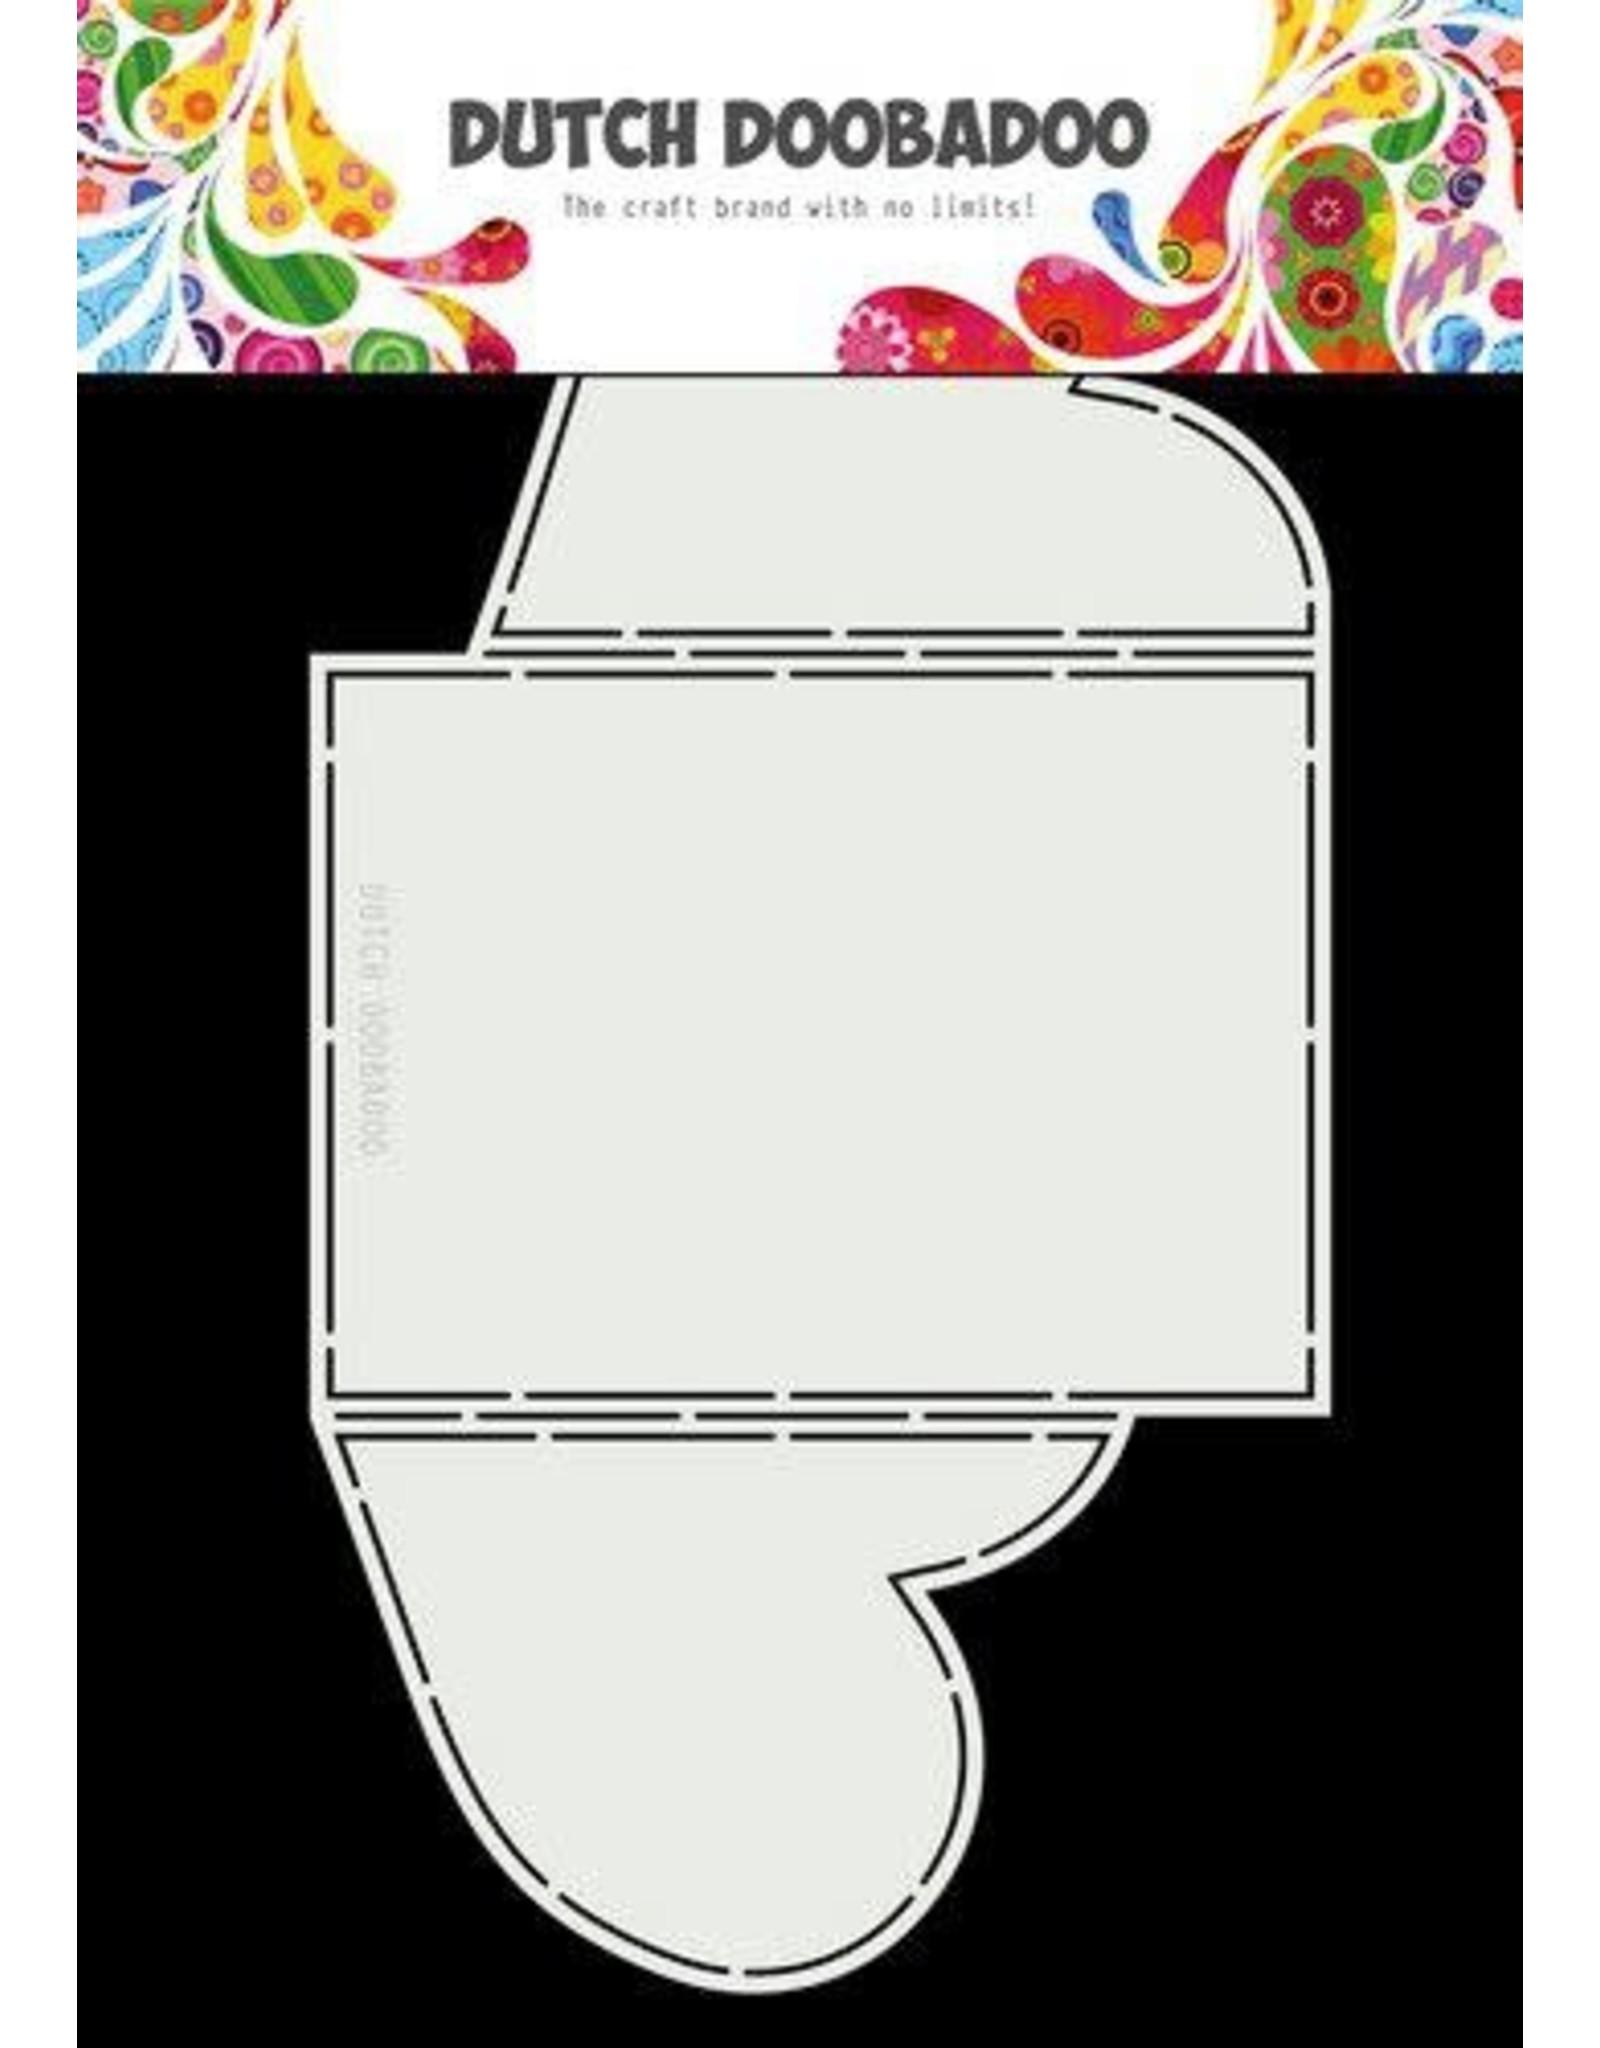 Dutch Doobadoo Dutch Doobadoo Card Art A4 Harten 470.713.846